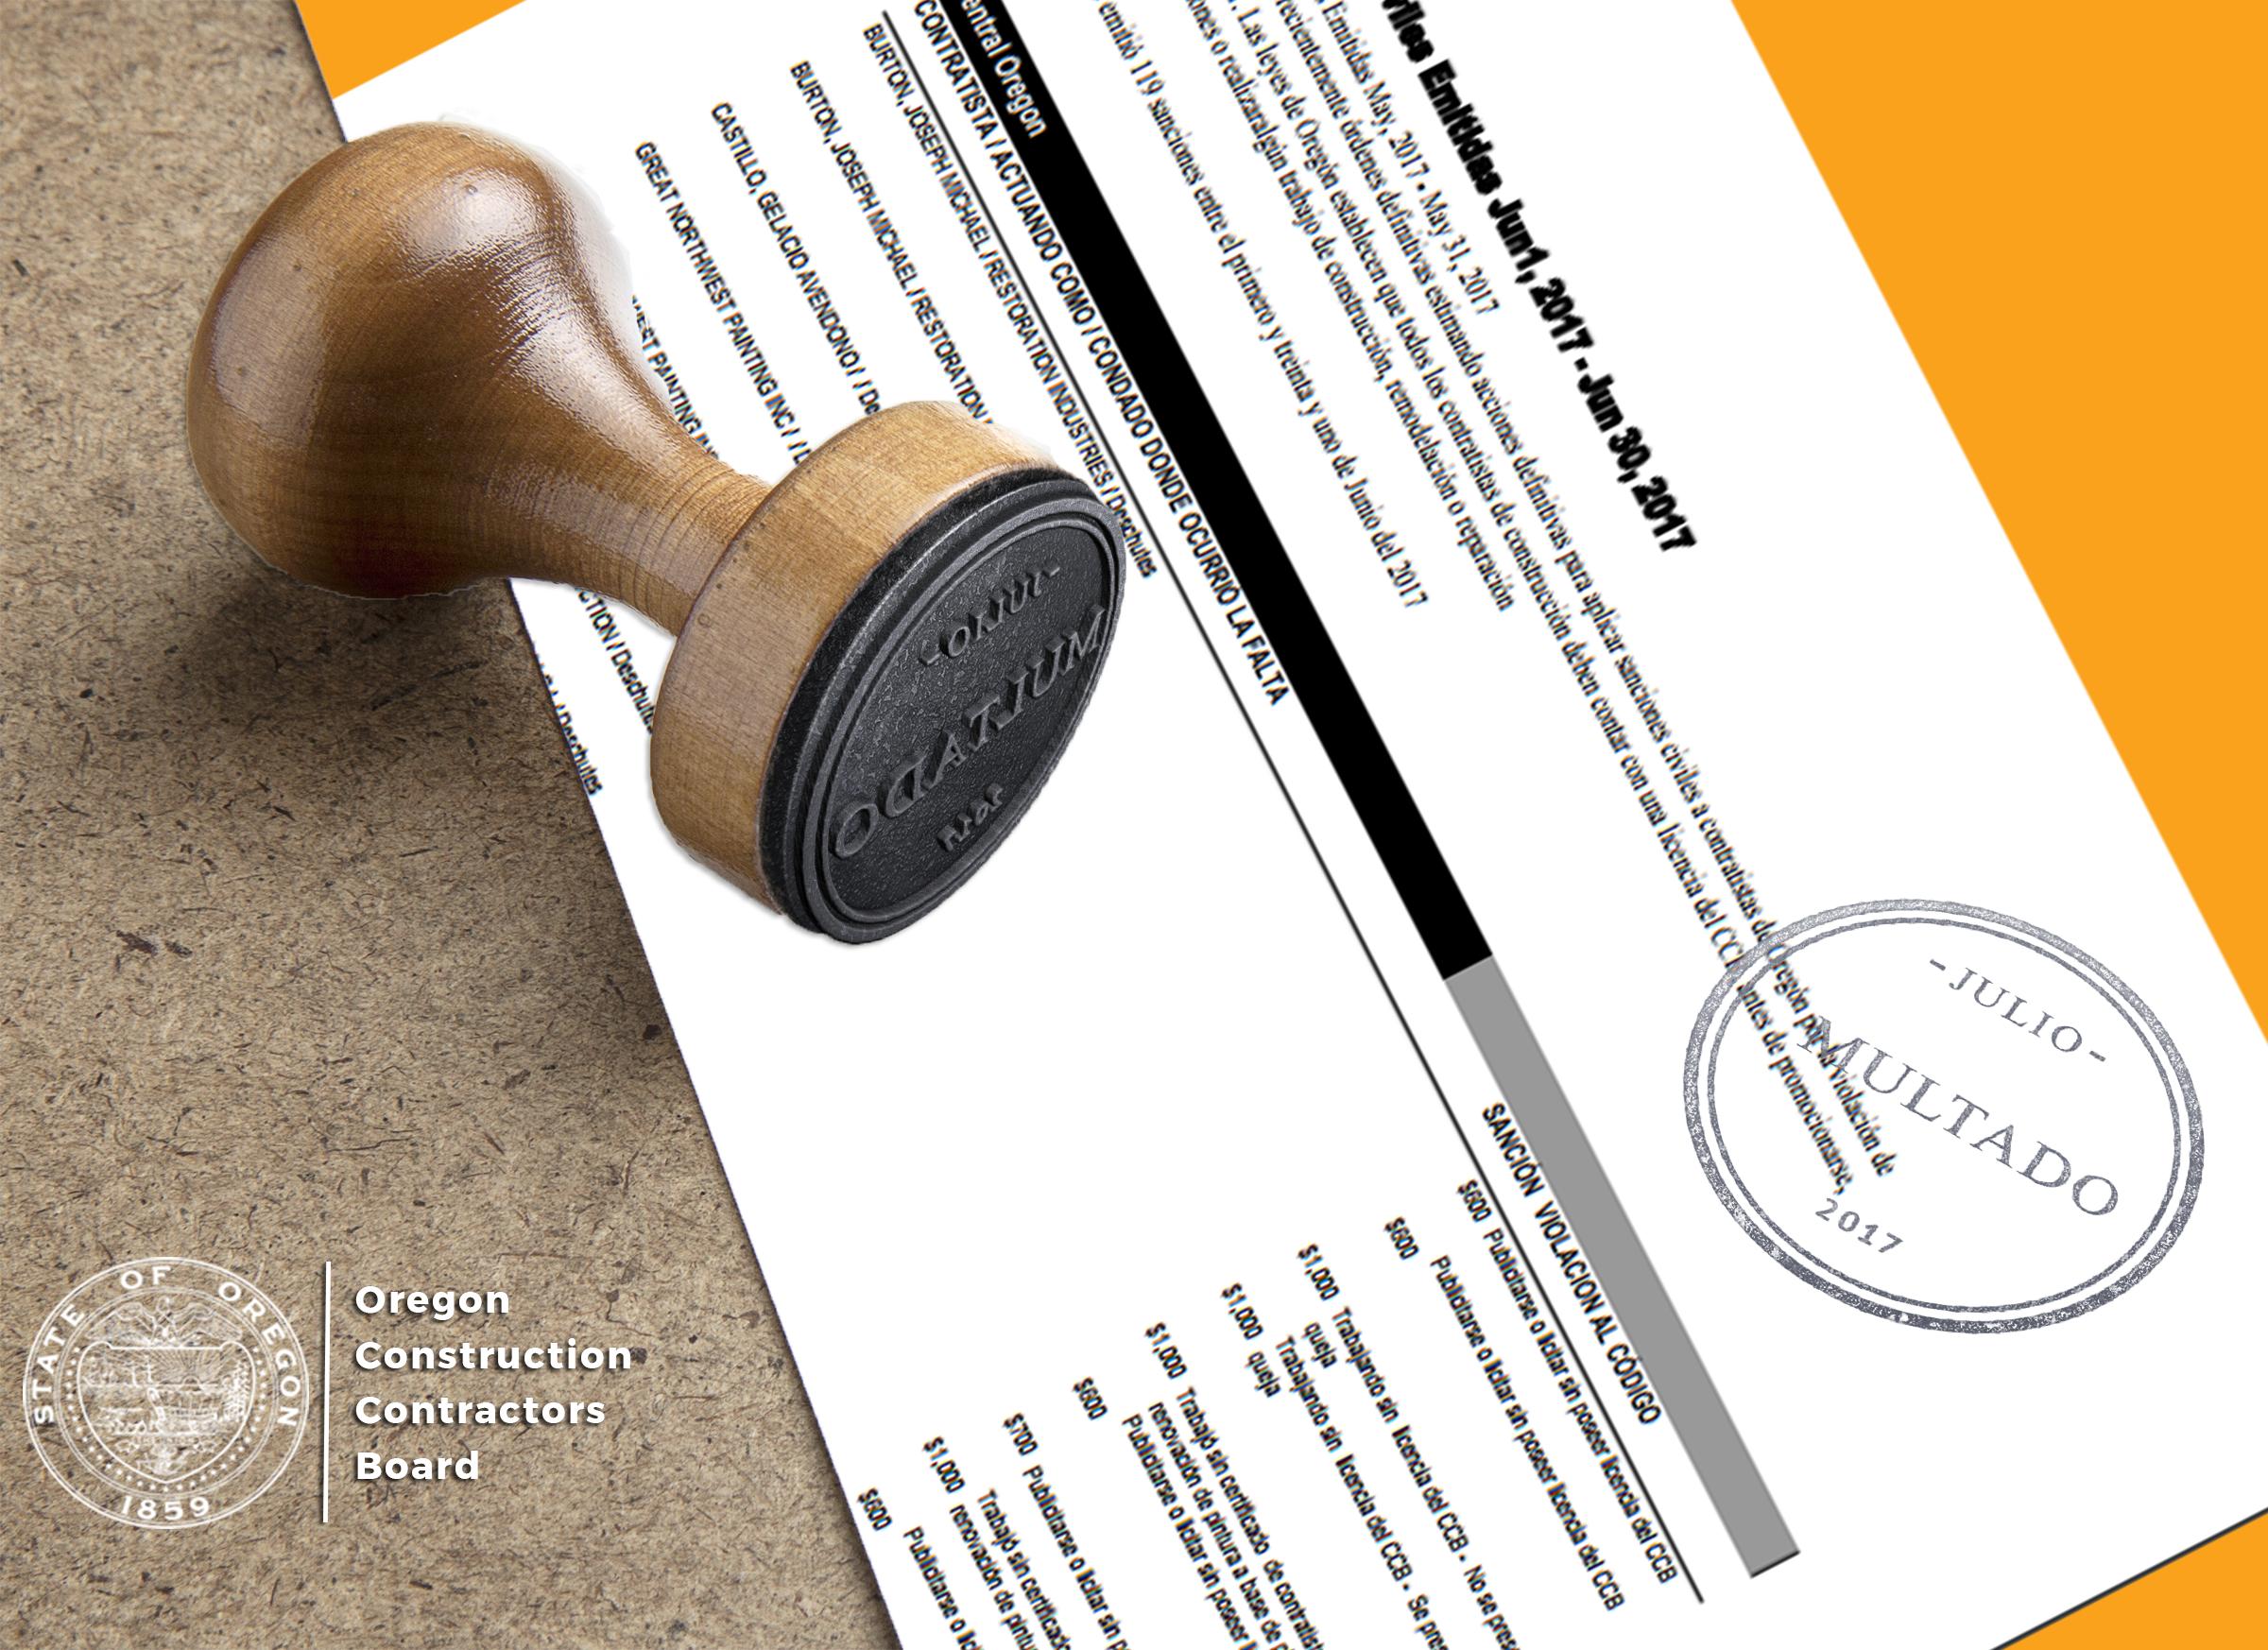 Contratistas sancionados por el ccb junio 2017 licencias - Que es un contratista ...